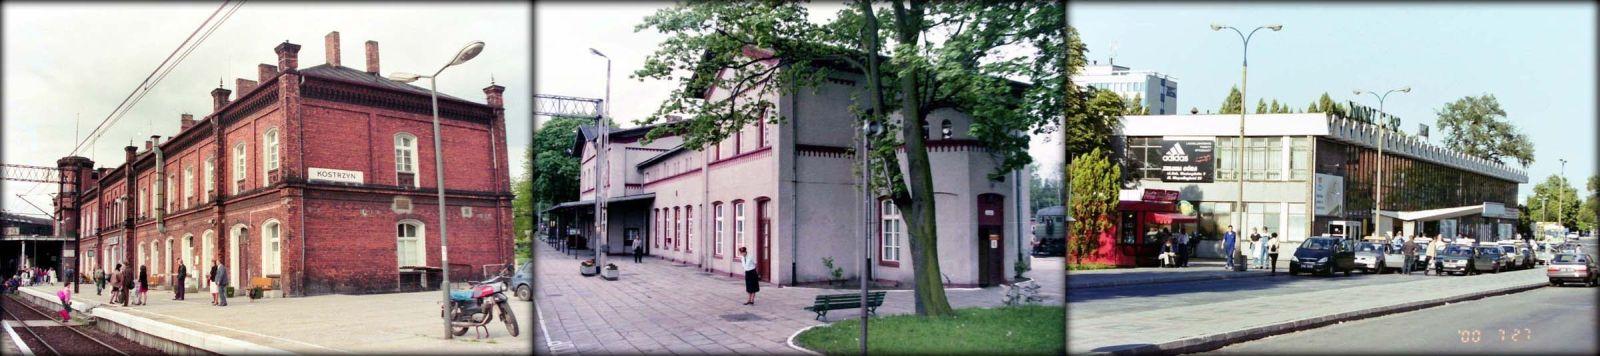 Od lewej: Kostrzyn 03.05.1992, Czerwieńsk 17.05.1994, Zielona Góra 27.04.2000.